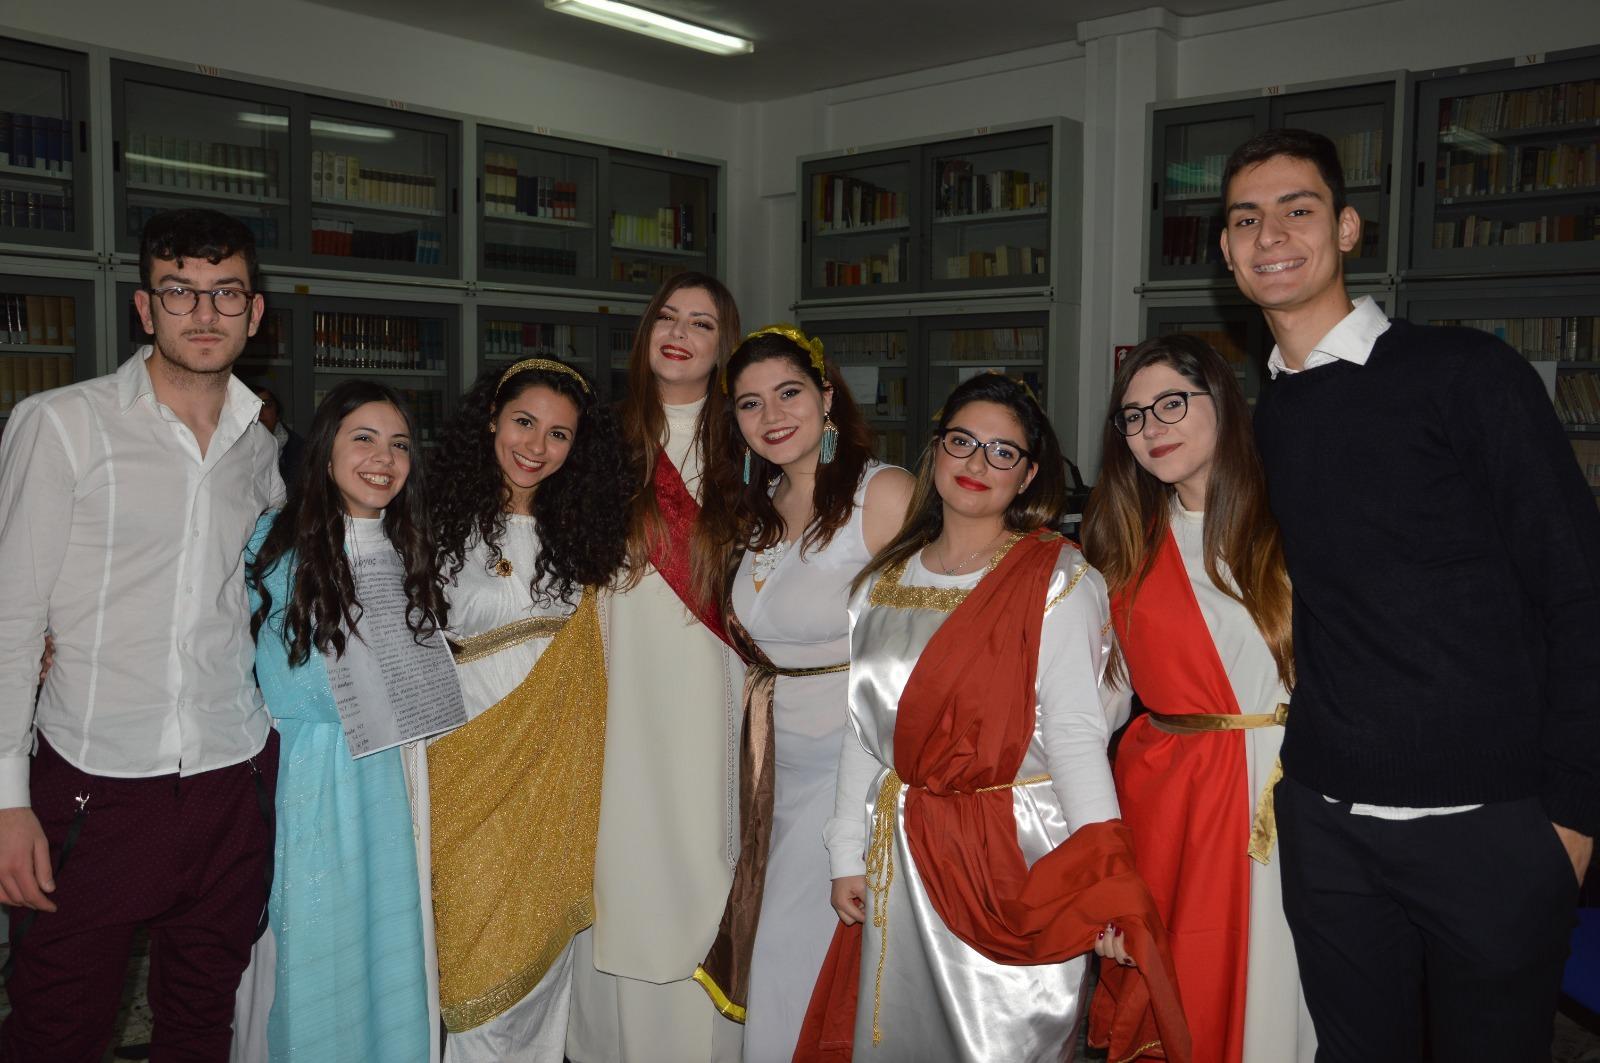 Notte dei Licei, Mario Rapisardi di Paternò: cultura aperta al nuovo, ad maiora semper